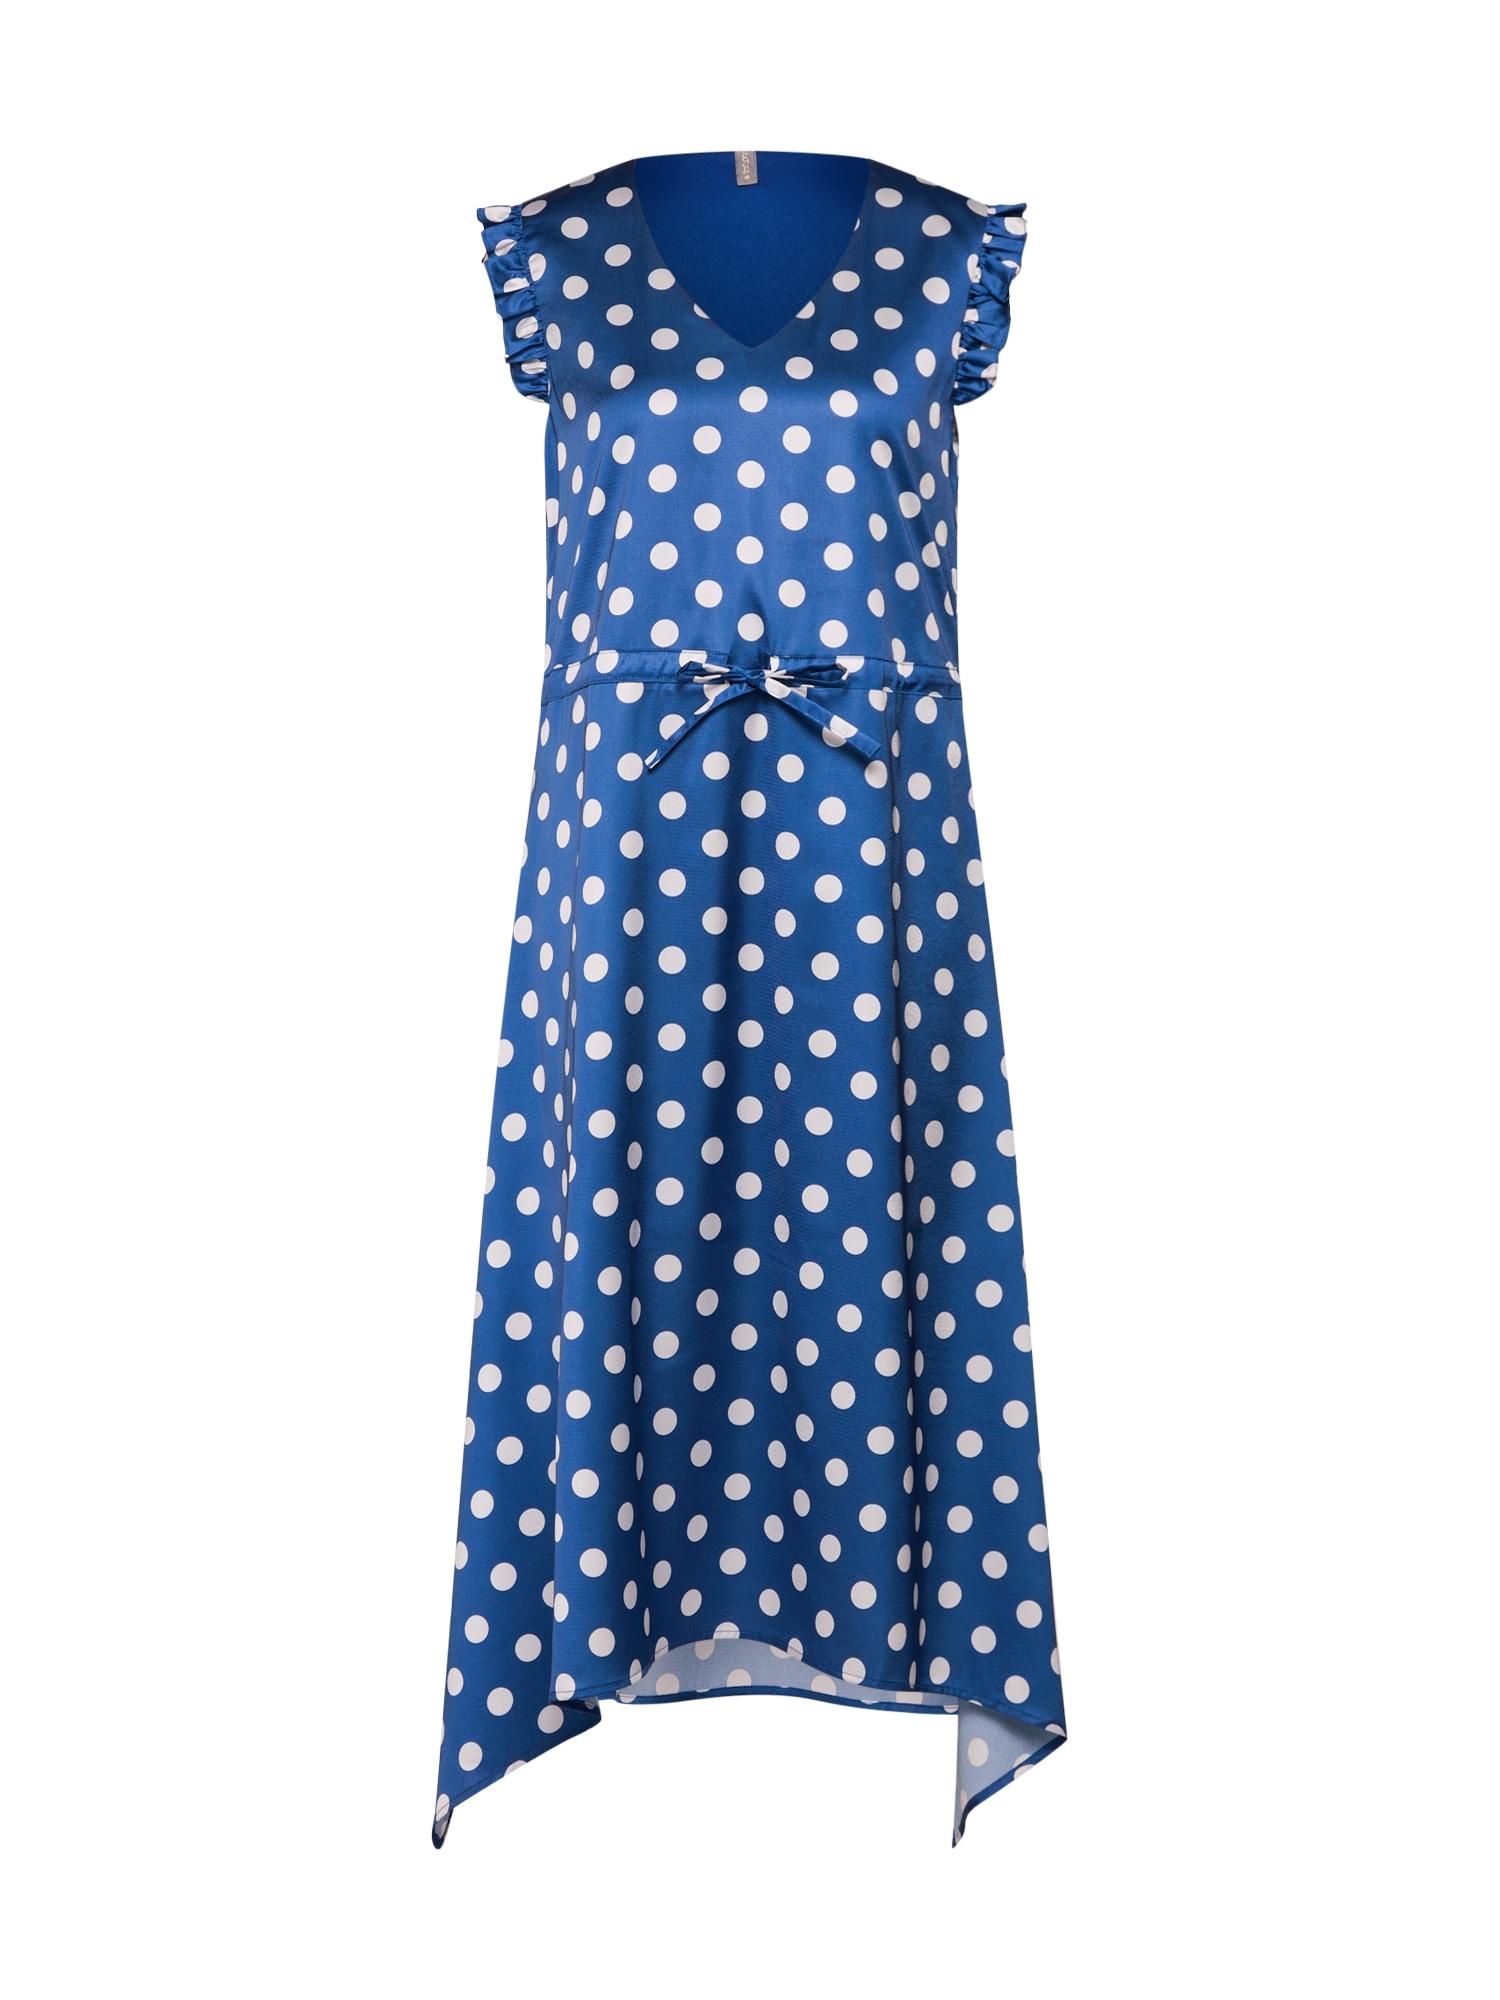 Letní šaty Anya námořnická modř mix barev CULTURE